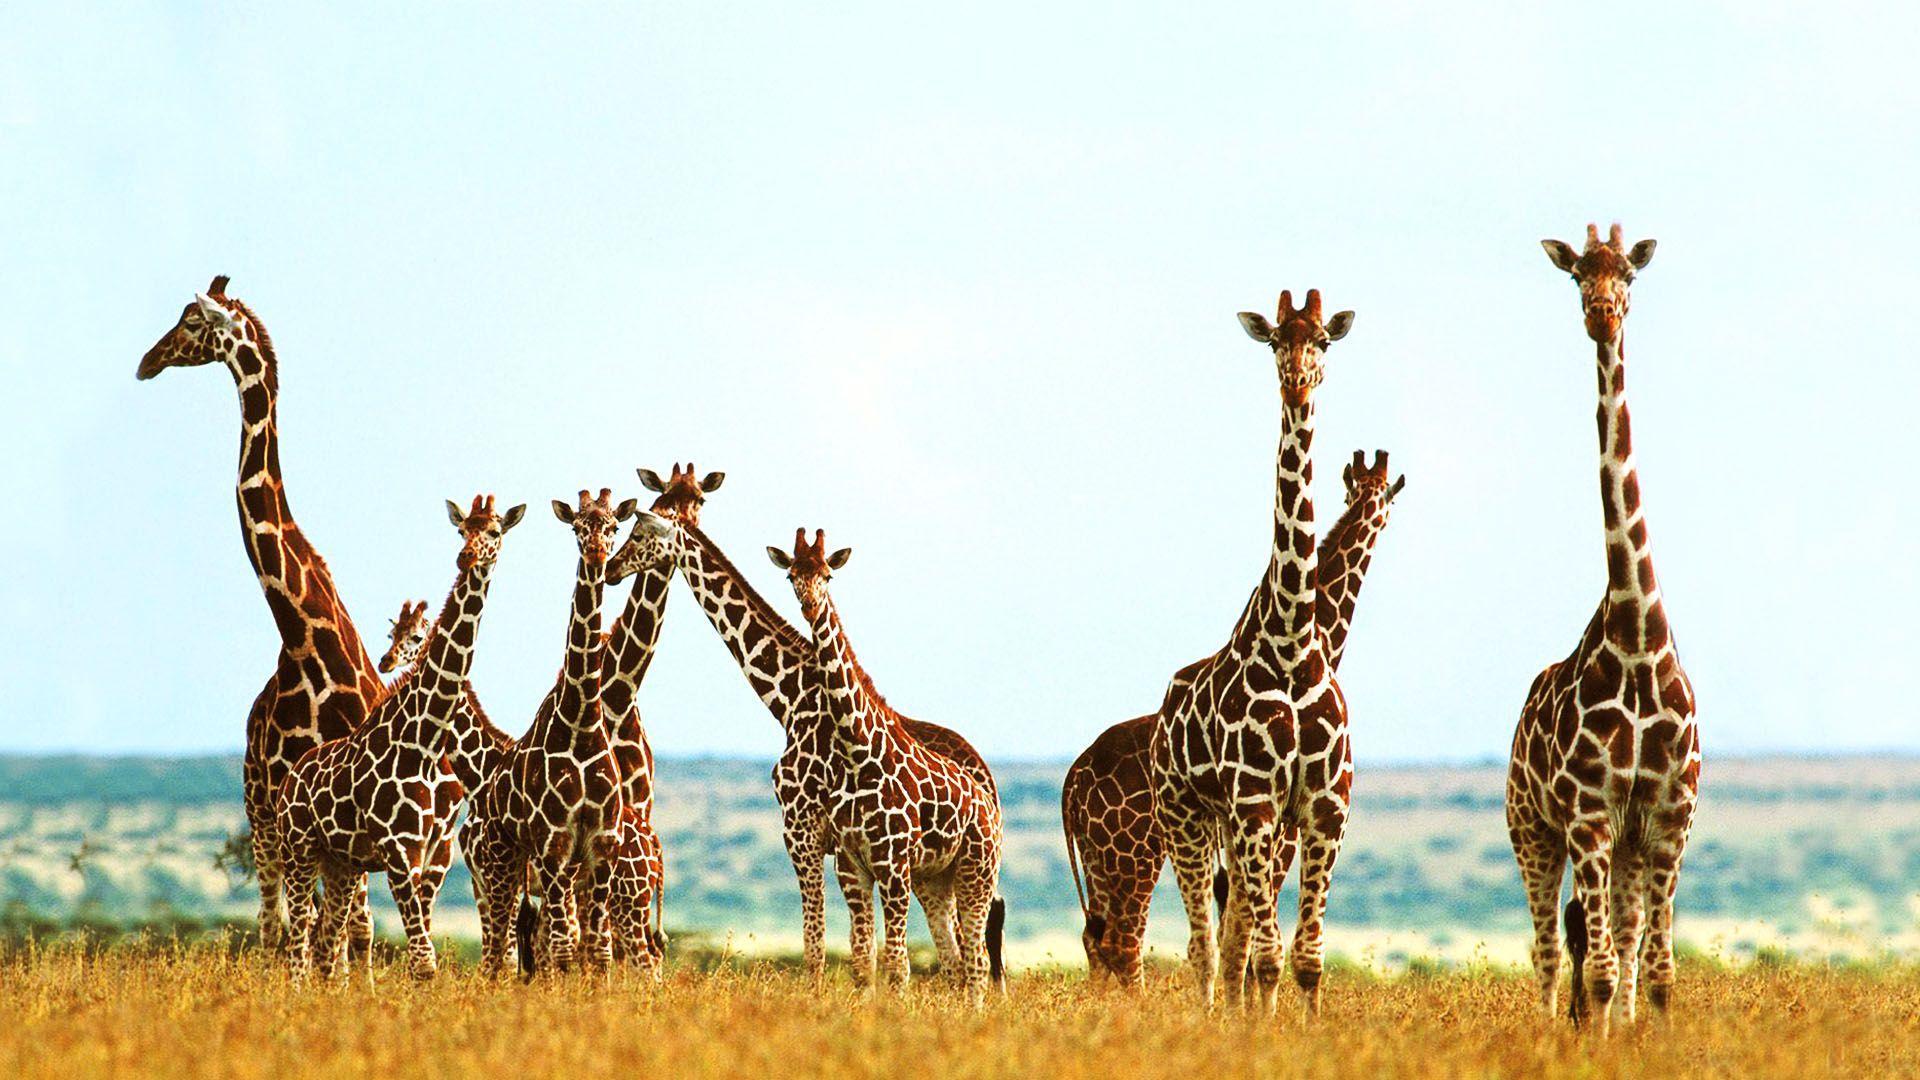 Giraffe Hd Wallpapers Wallpaper Cave